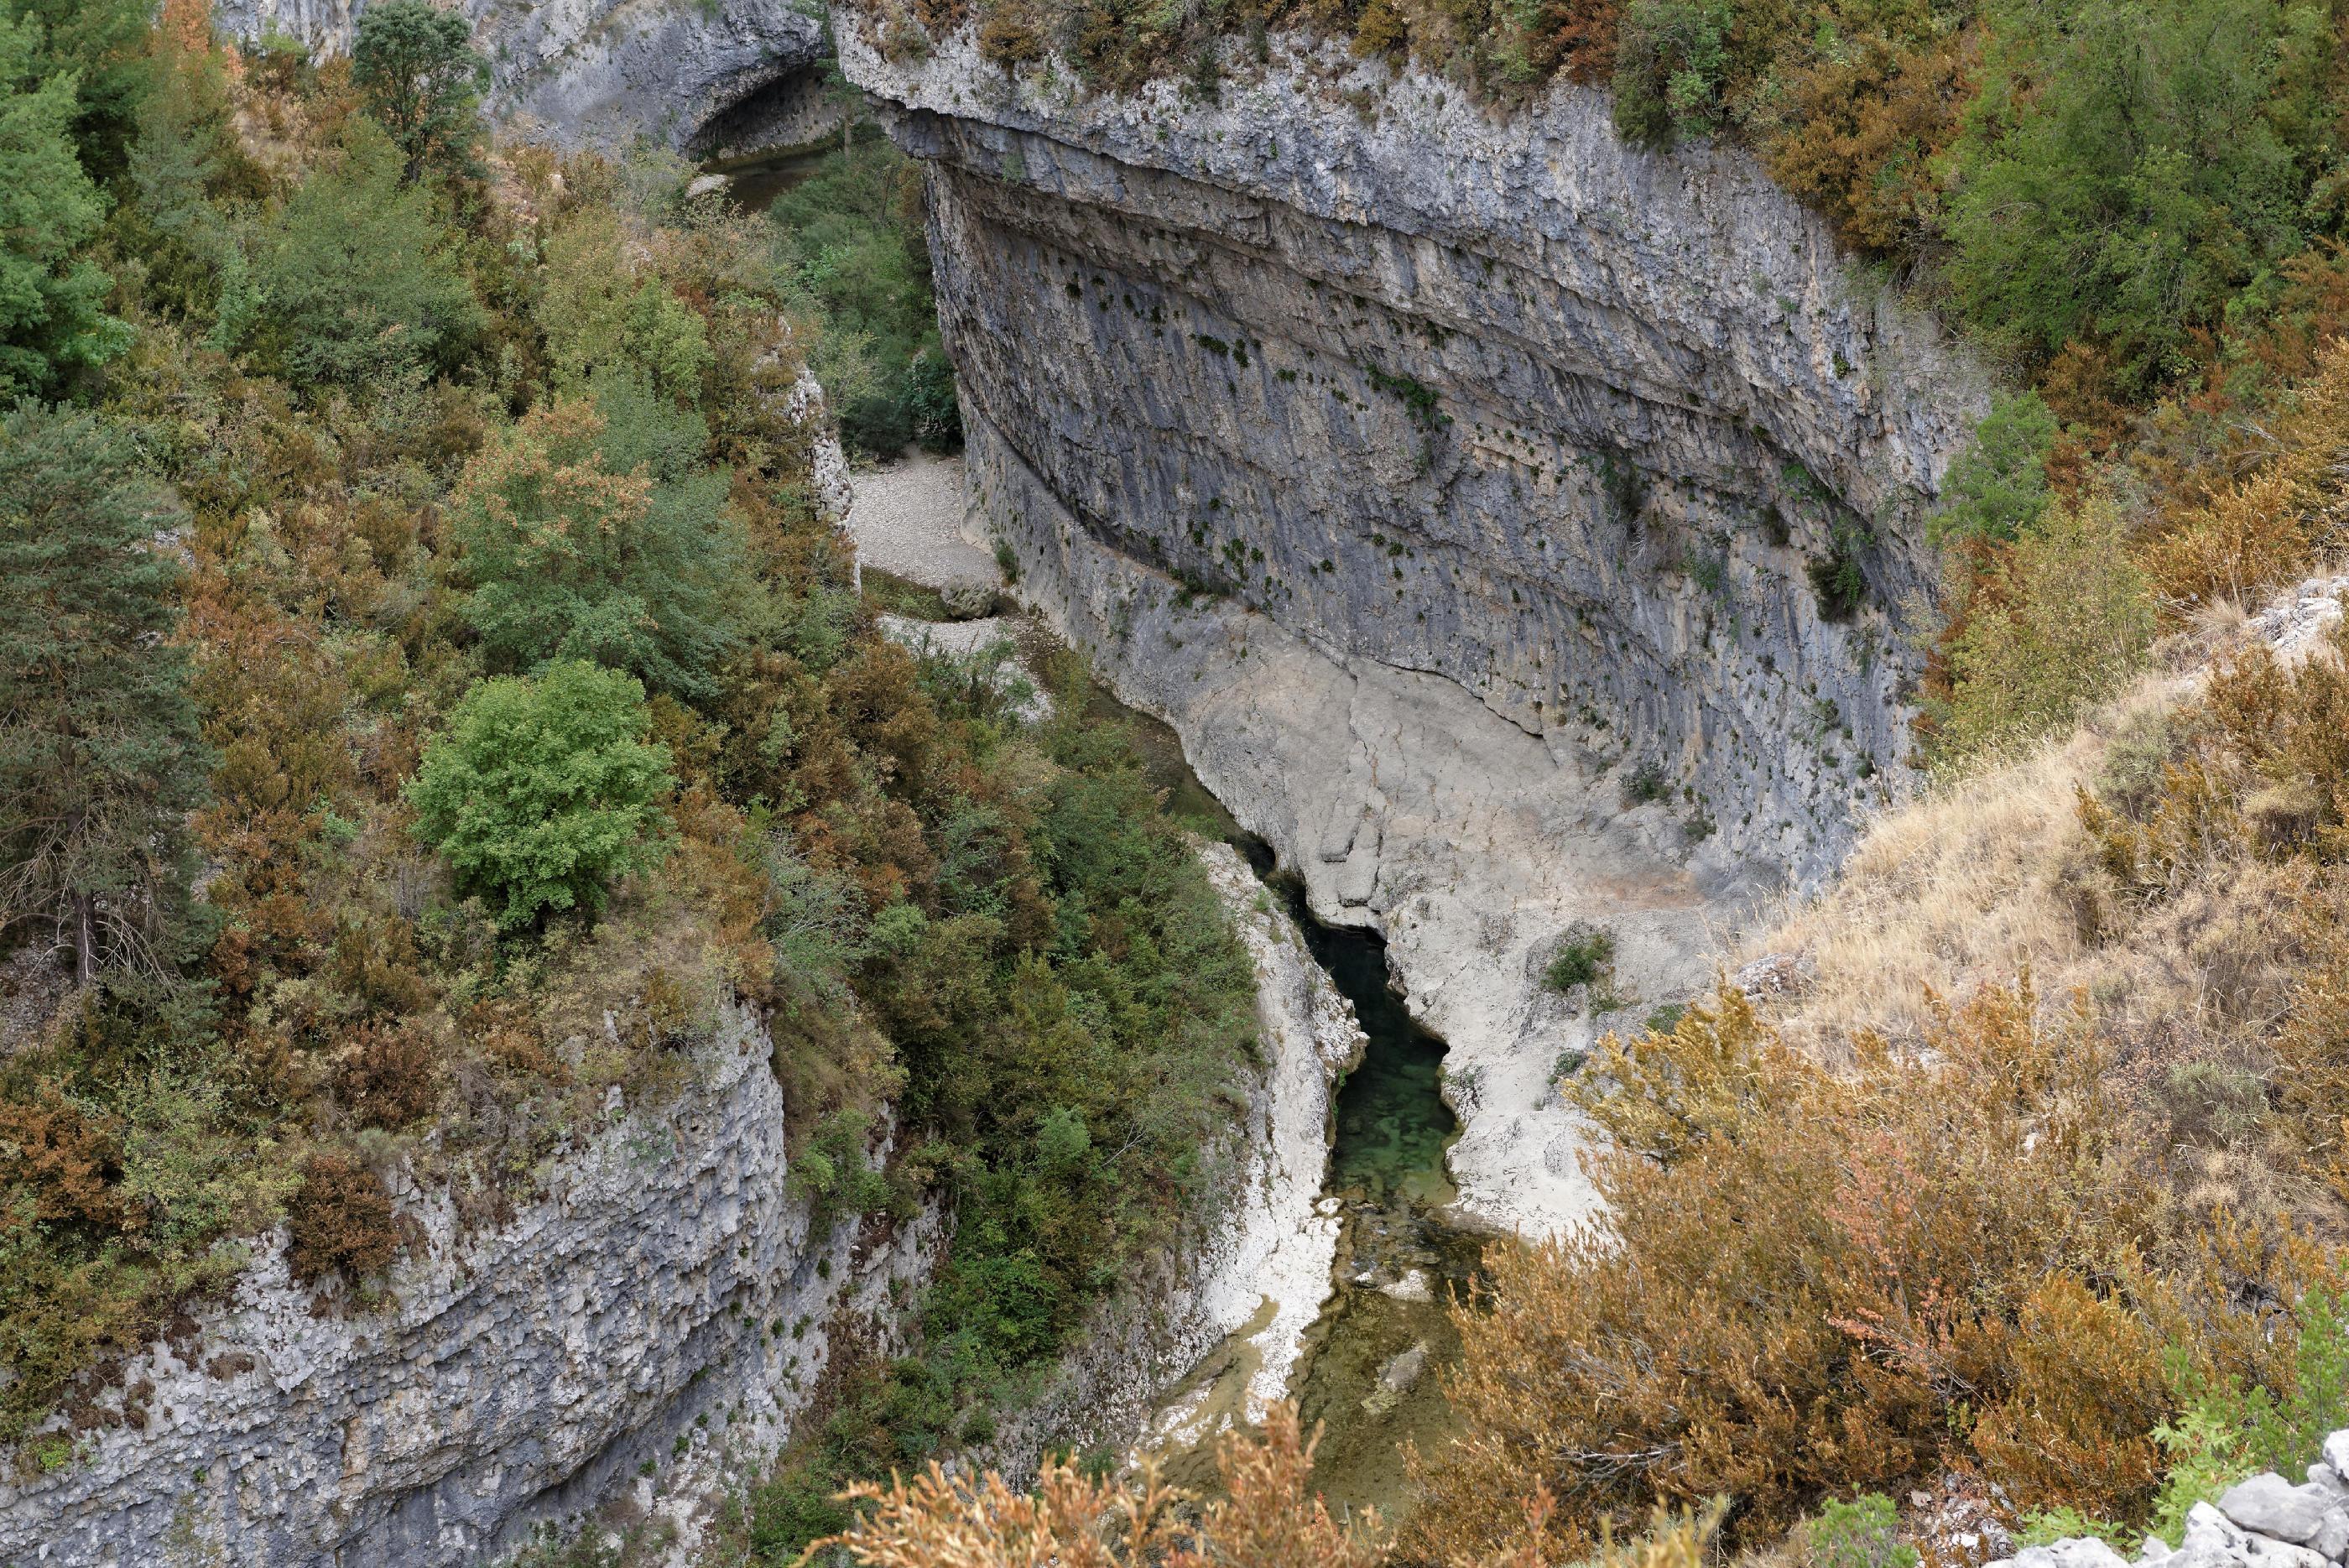 160909-lecina-marche-canyon-del-rio-vero-puente-de-villacantal-sierra-de-guara-aragon-22